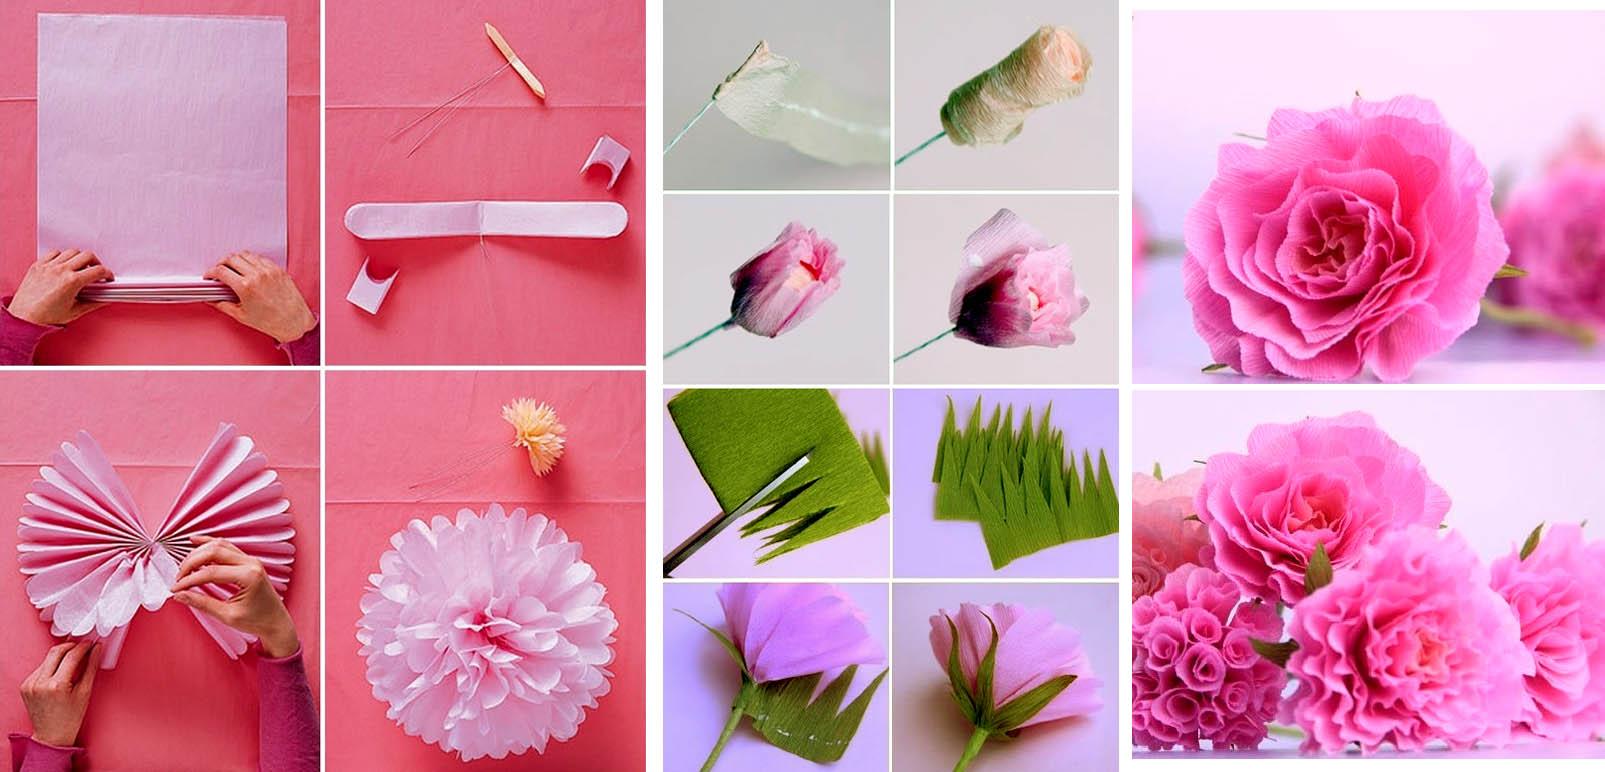 Фотозона: устройство, способы реализации, расположение, декор, частные случаи